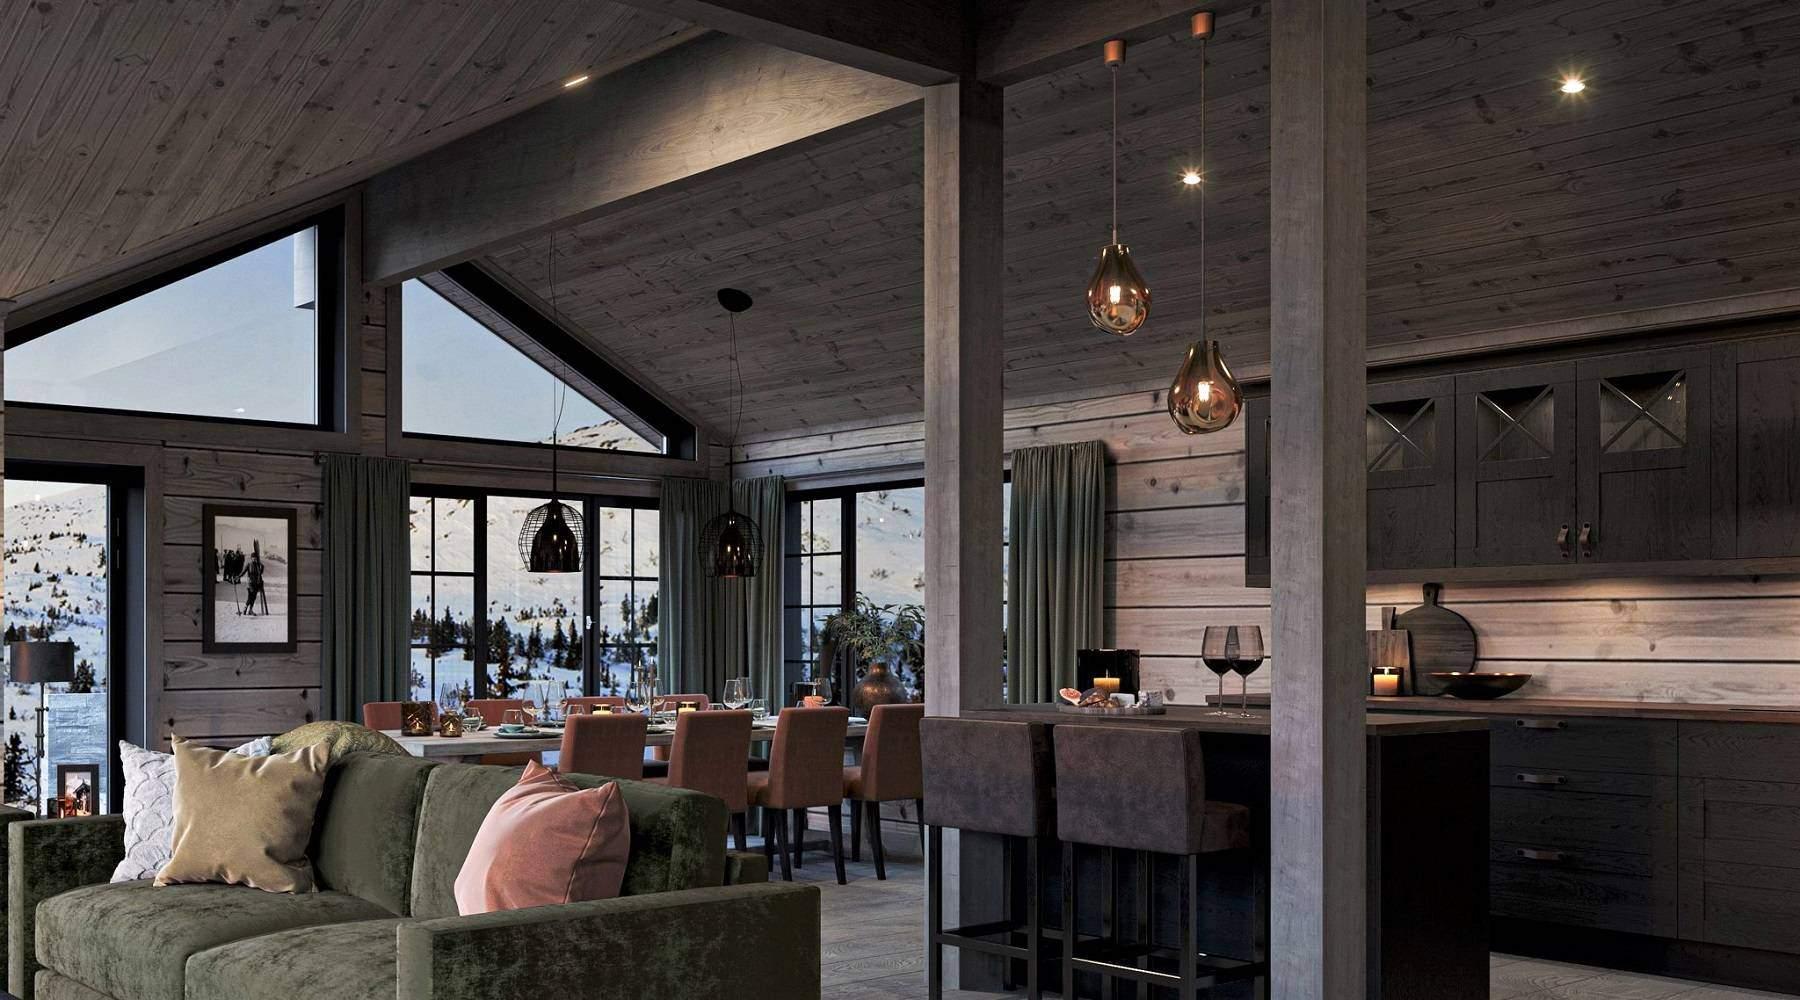 124 Høy takhimling og mye vindusflater. Balkongdør til terrassen på utsiden. Hyttemodell Geilo 155